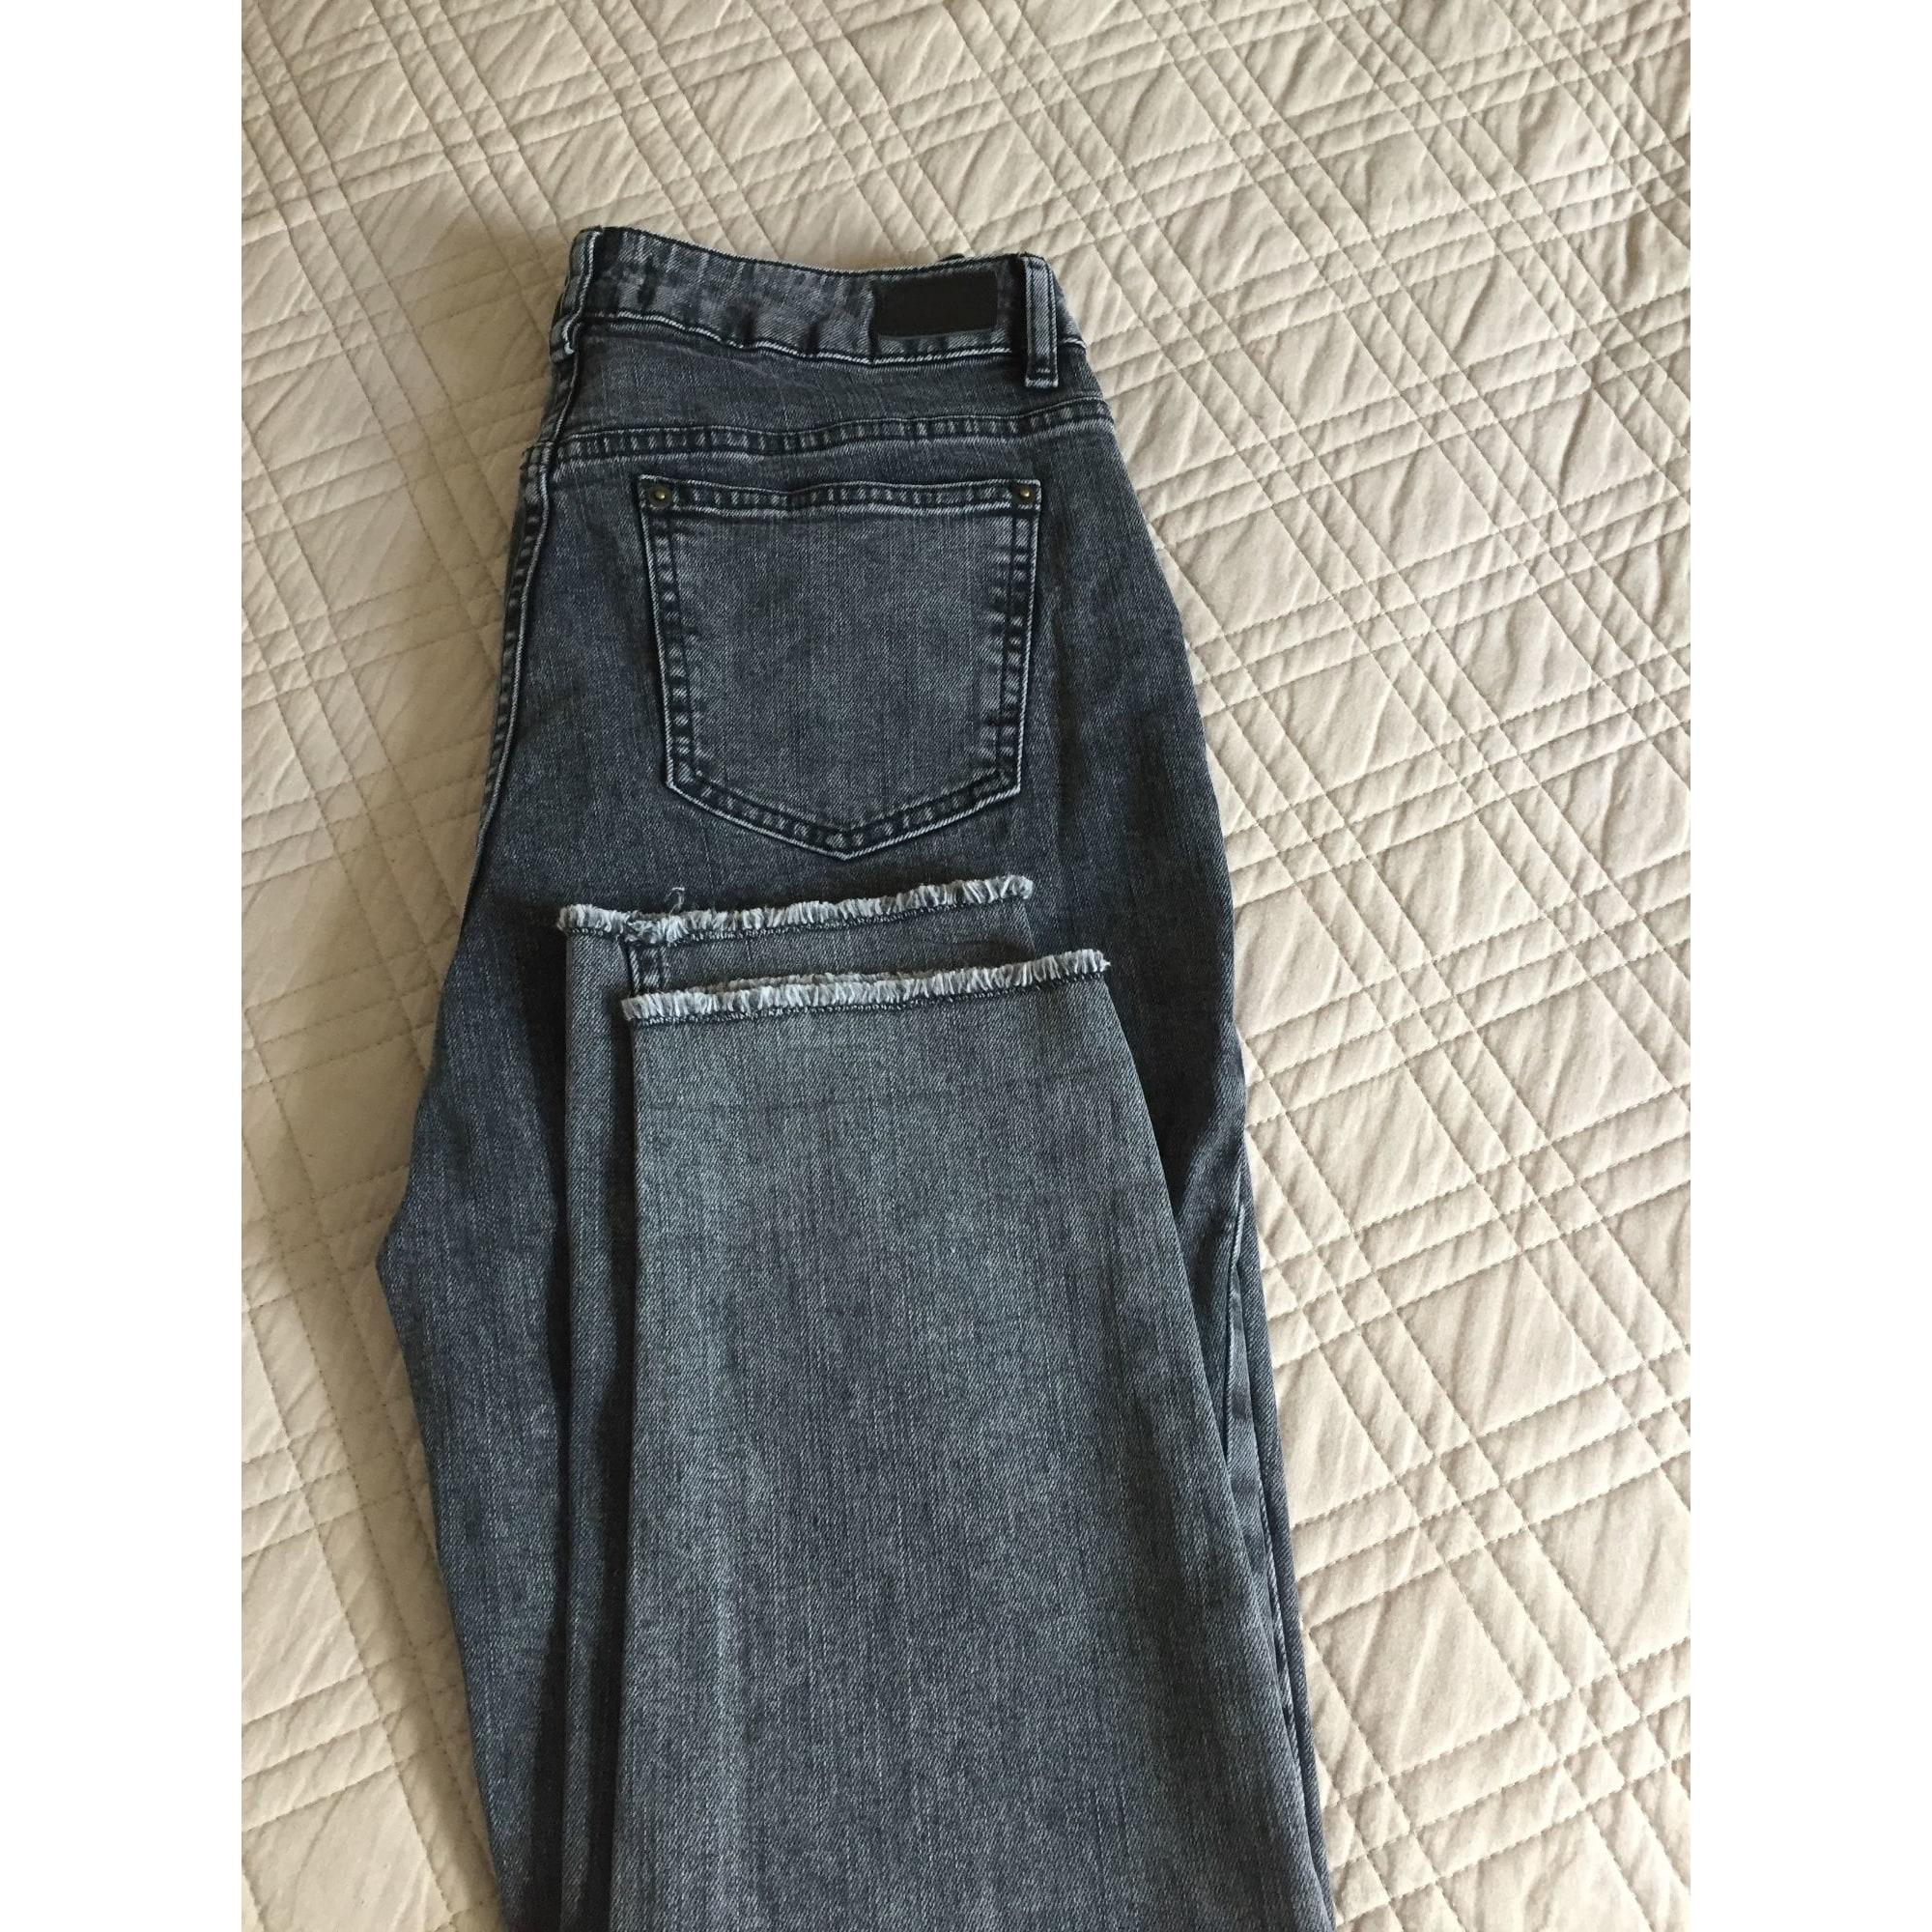 Jeans large, boyfriend LA REDOUTE Gris, anthracite